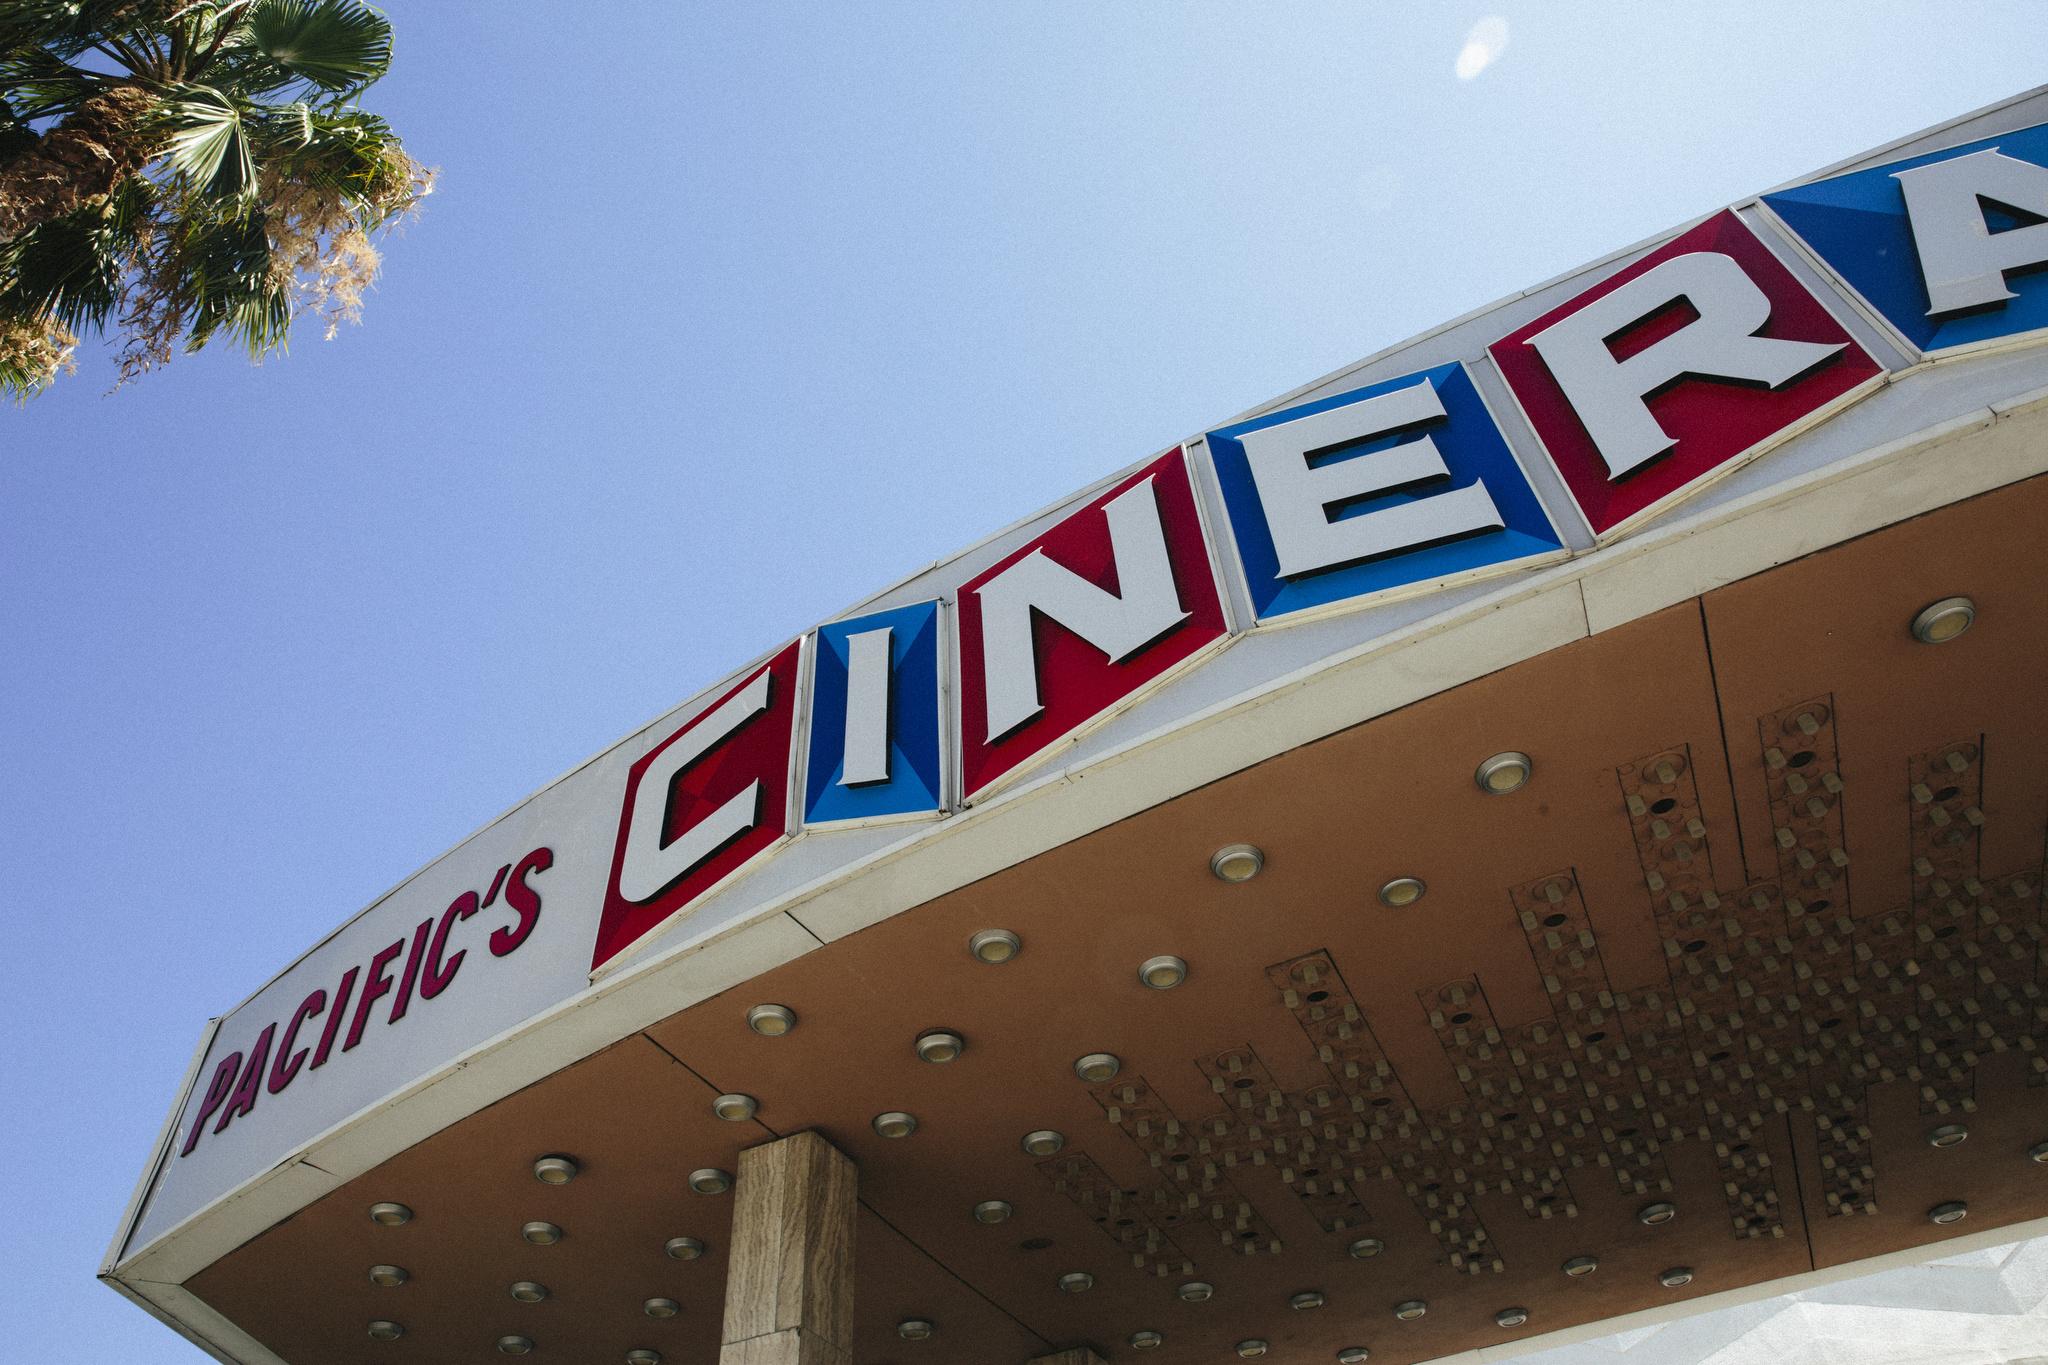 Pacific's cinerama dome.